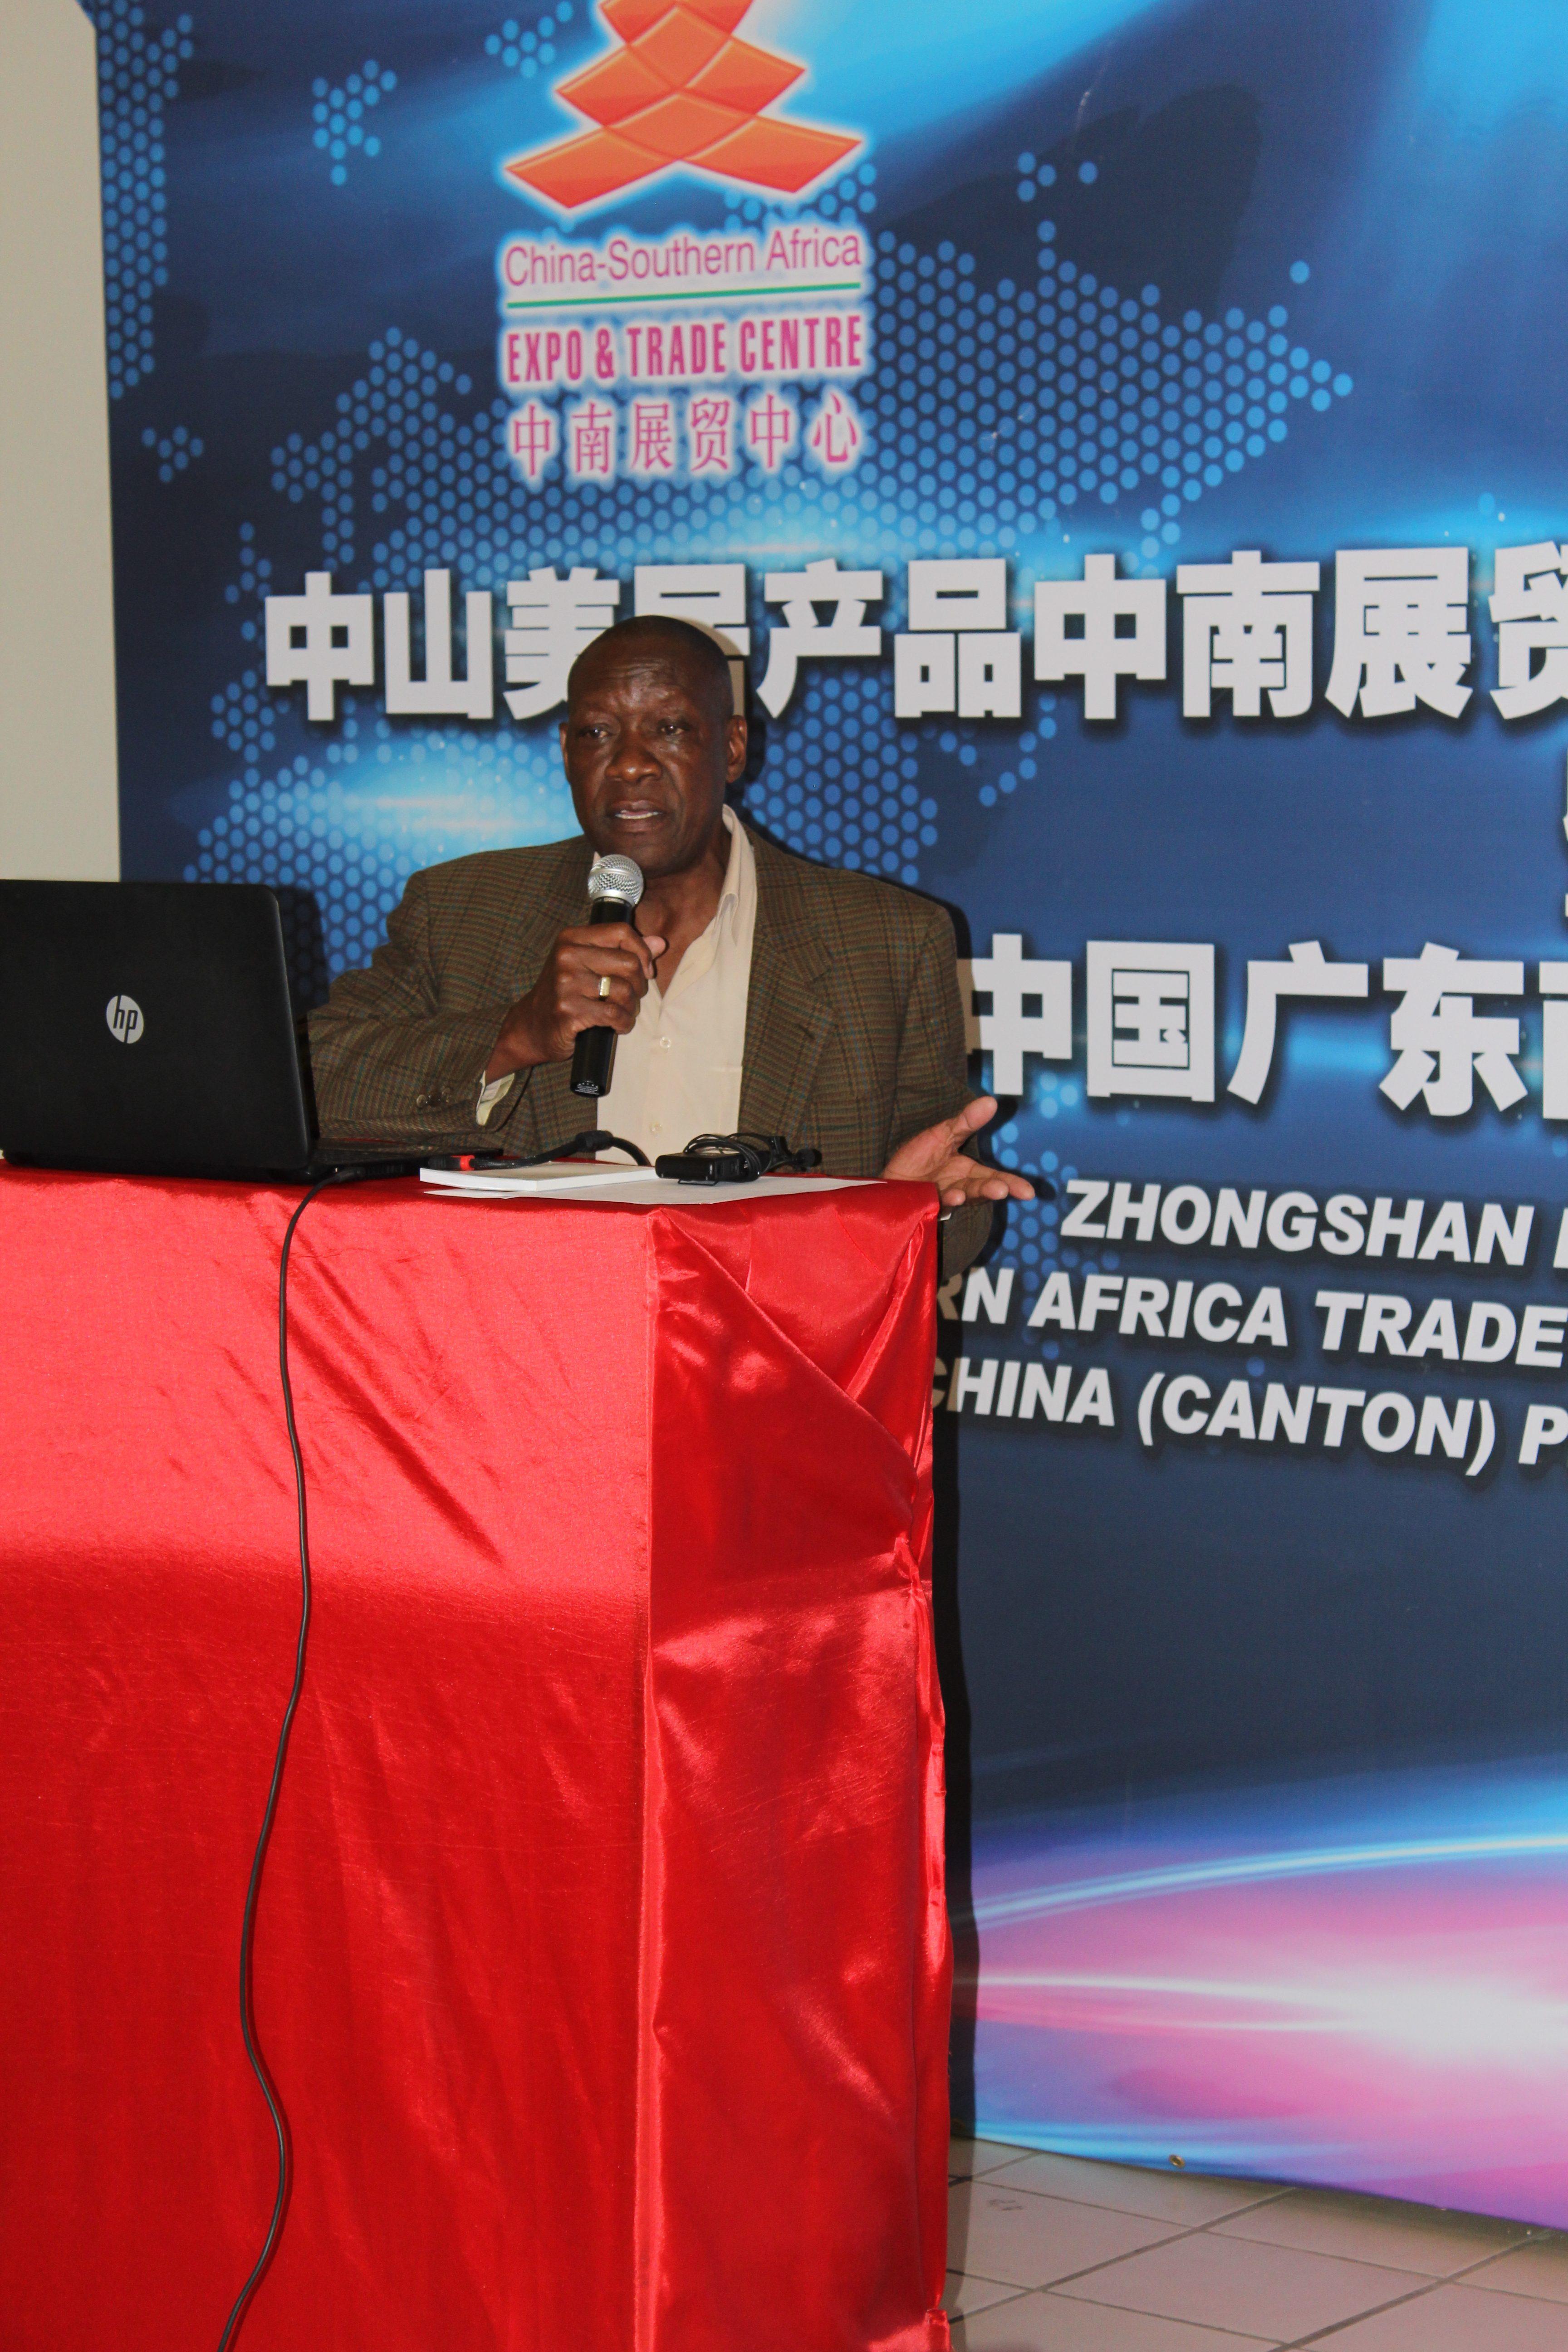 广州经贸代表团参观中南展贸中心 合作意愿强烈